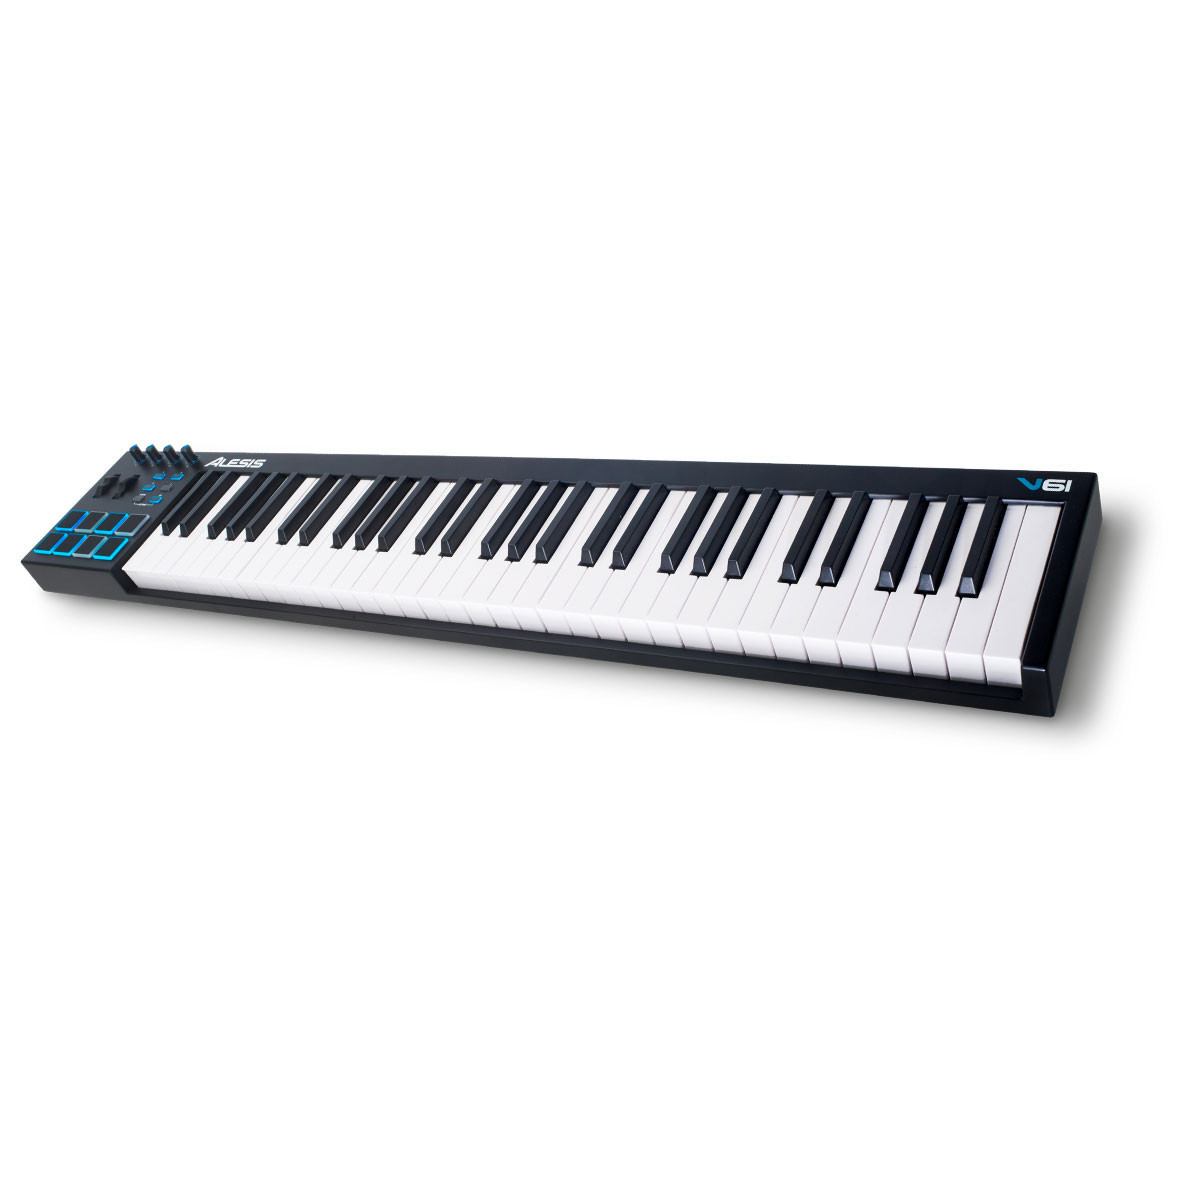 alesis v61 midi keyboard controller at. Black Bedroom Furniture Sets. Home Design Ideas